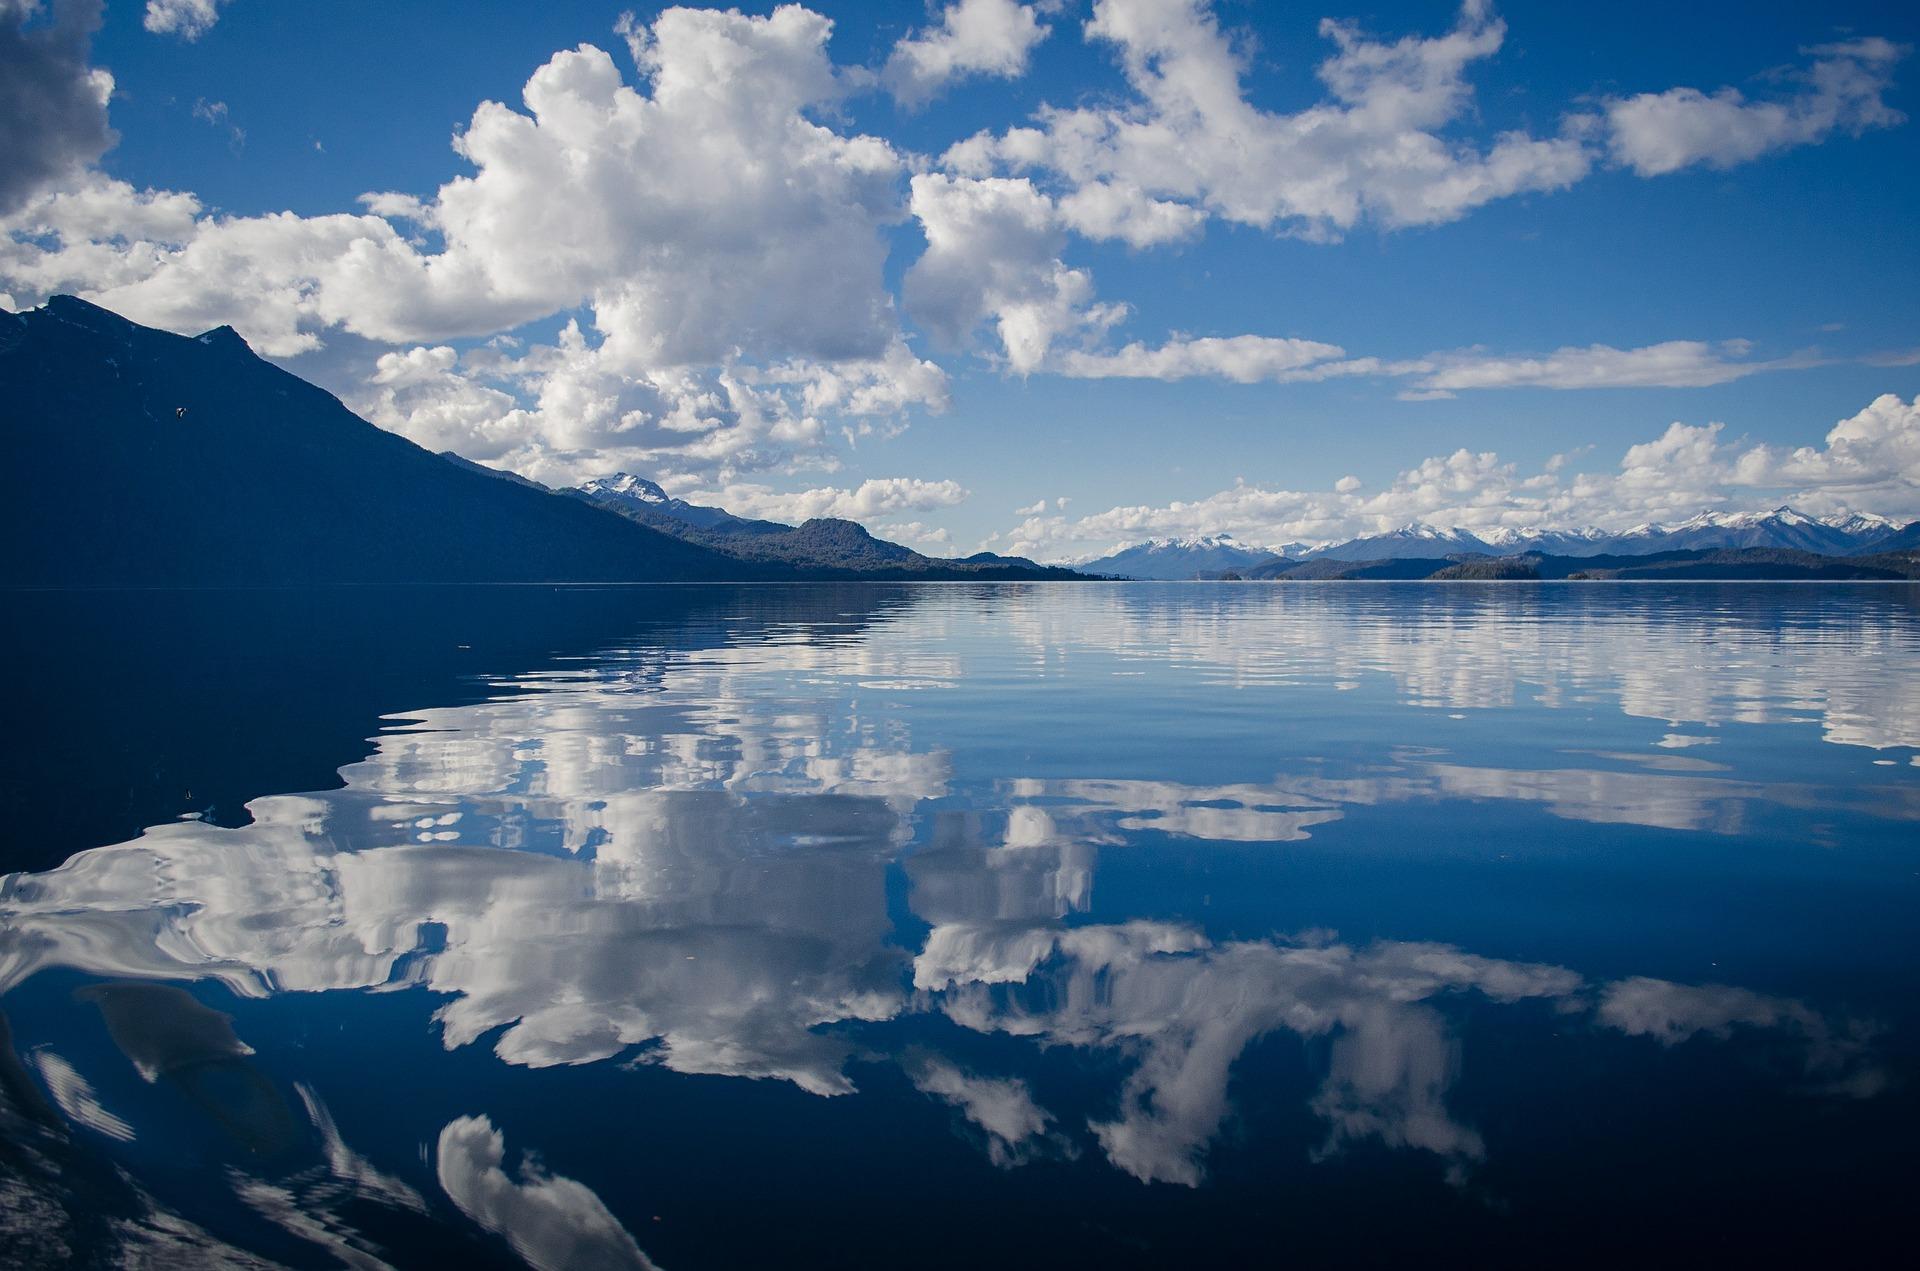 lago con riflesso del cielo